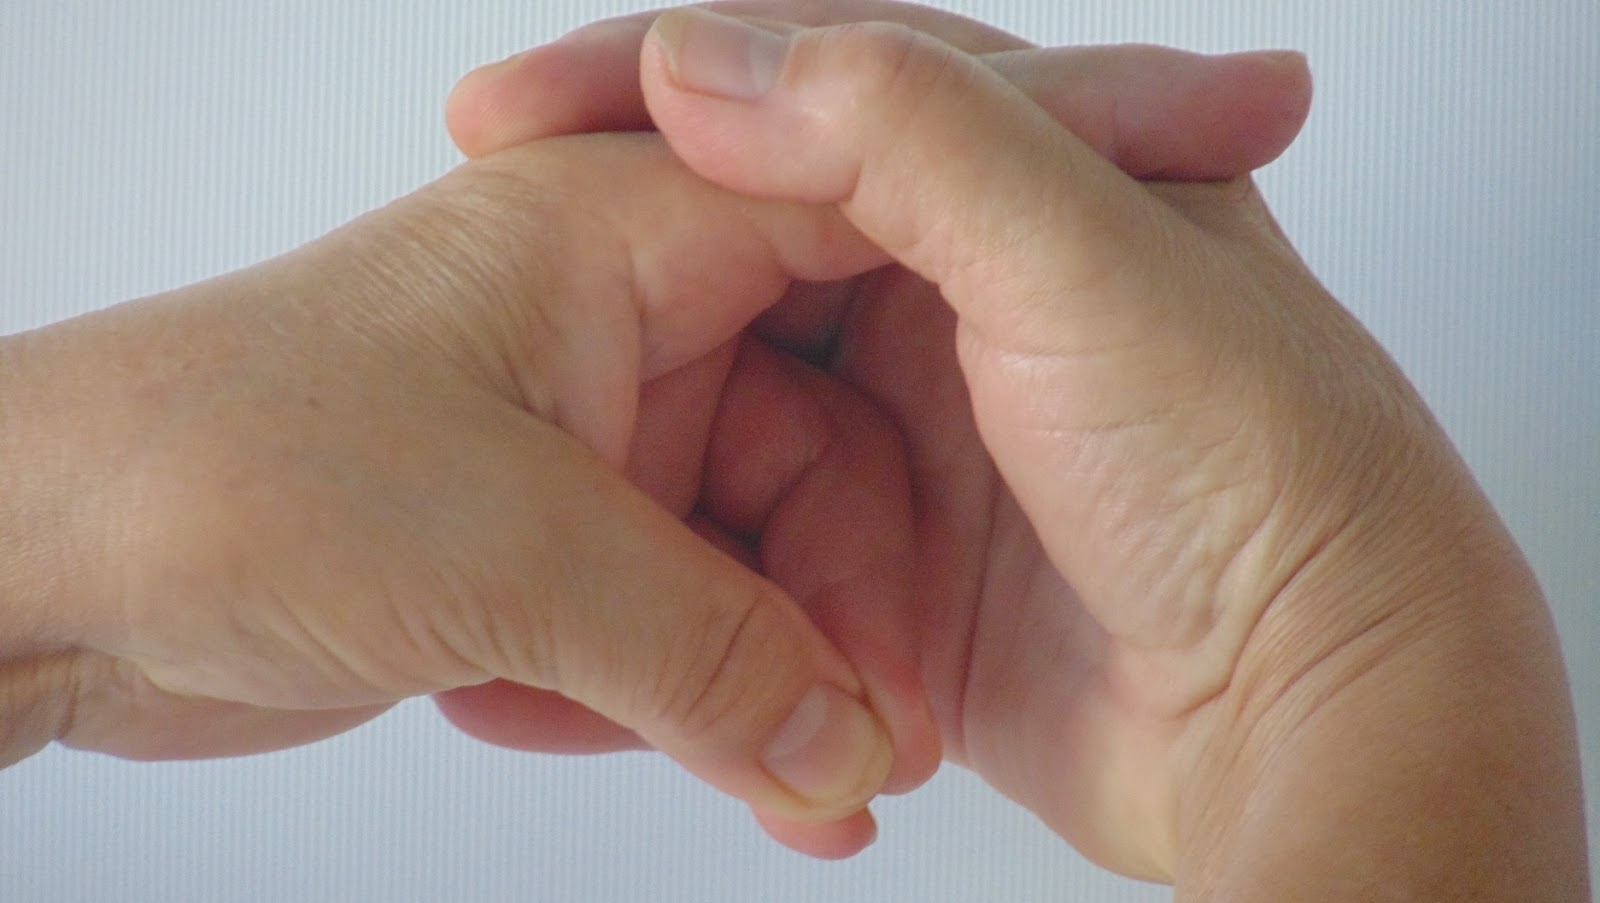 fájó középső ujj az ízületben)